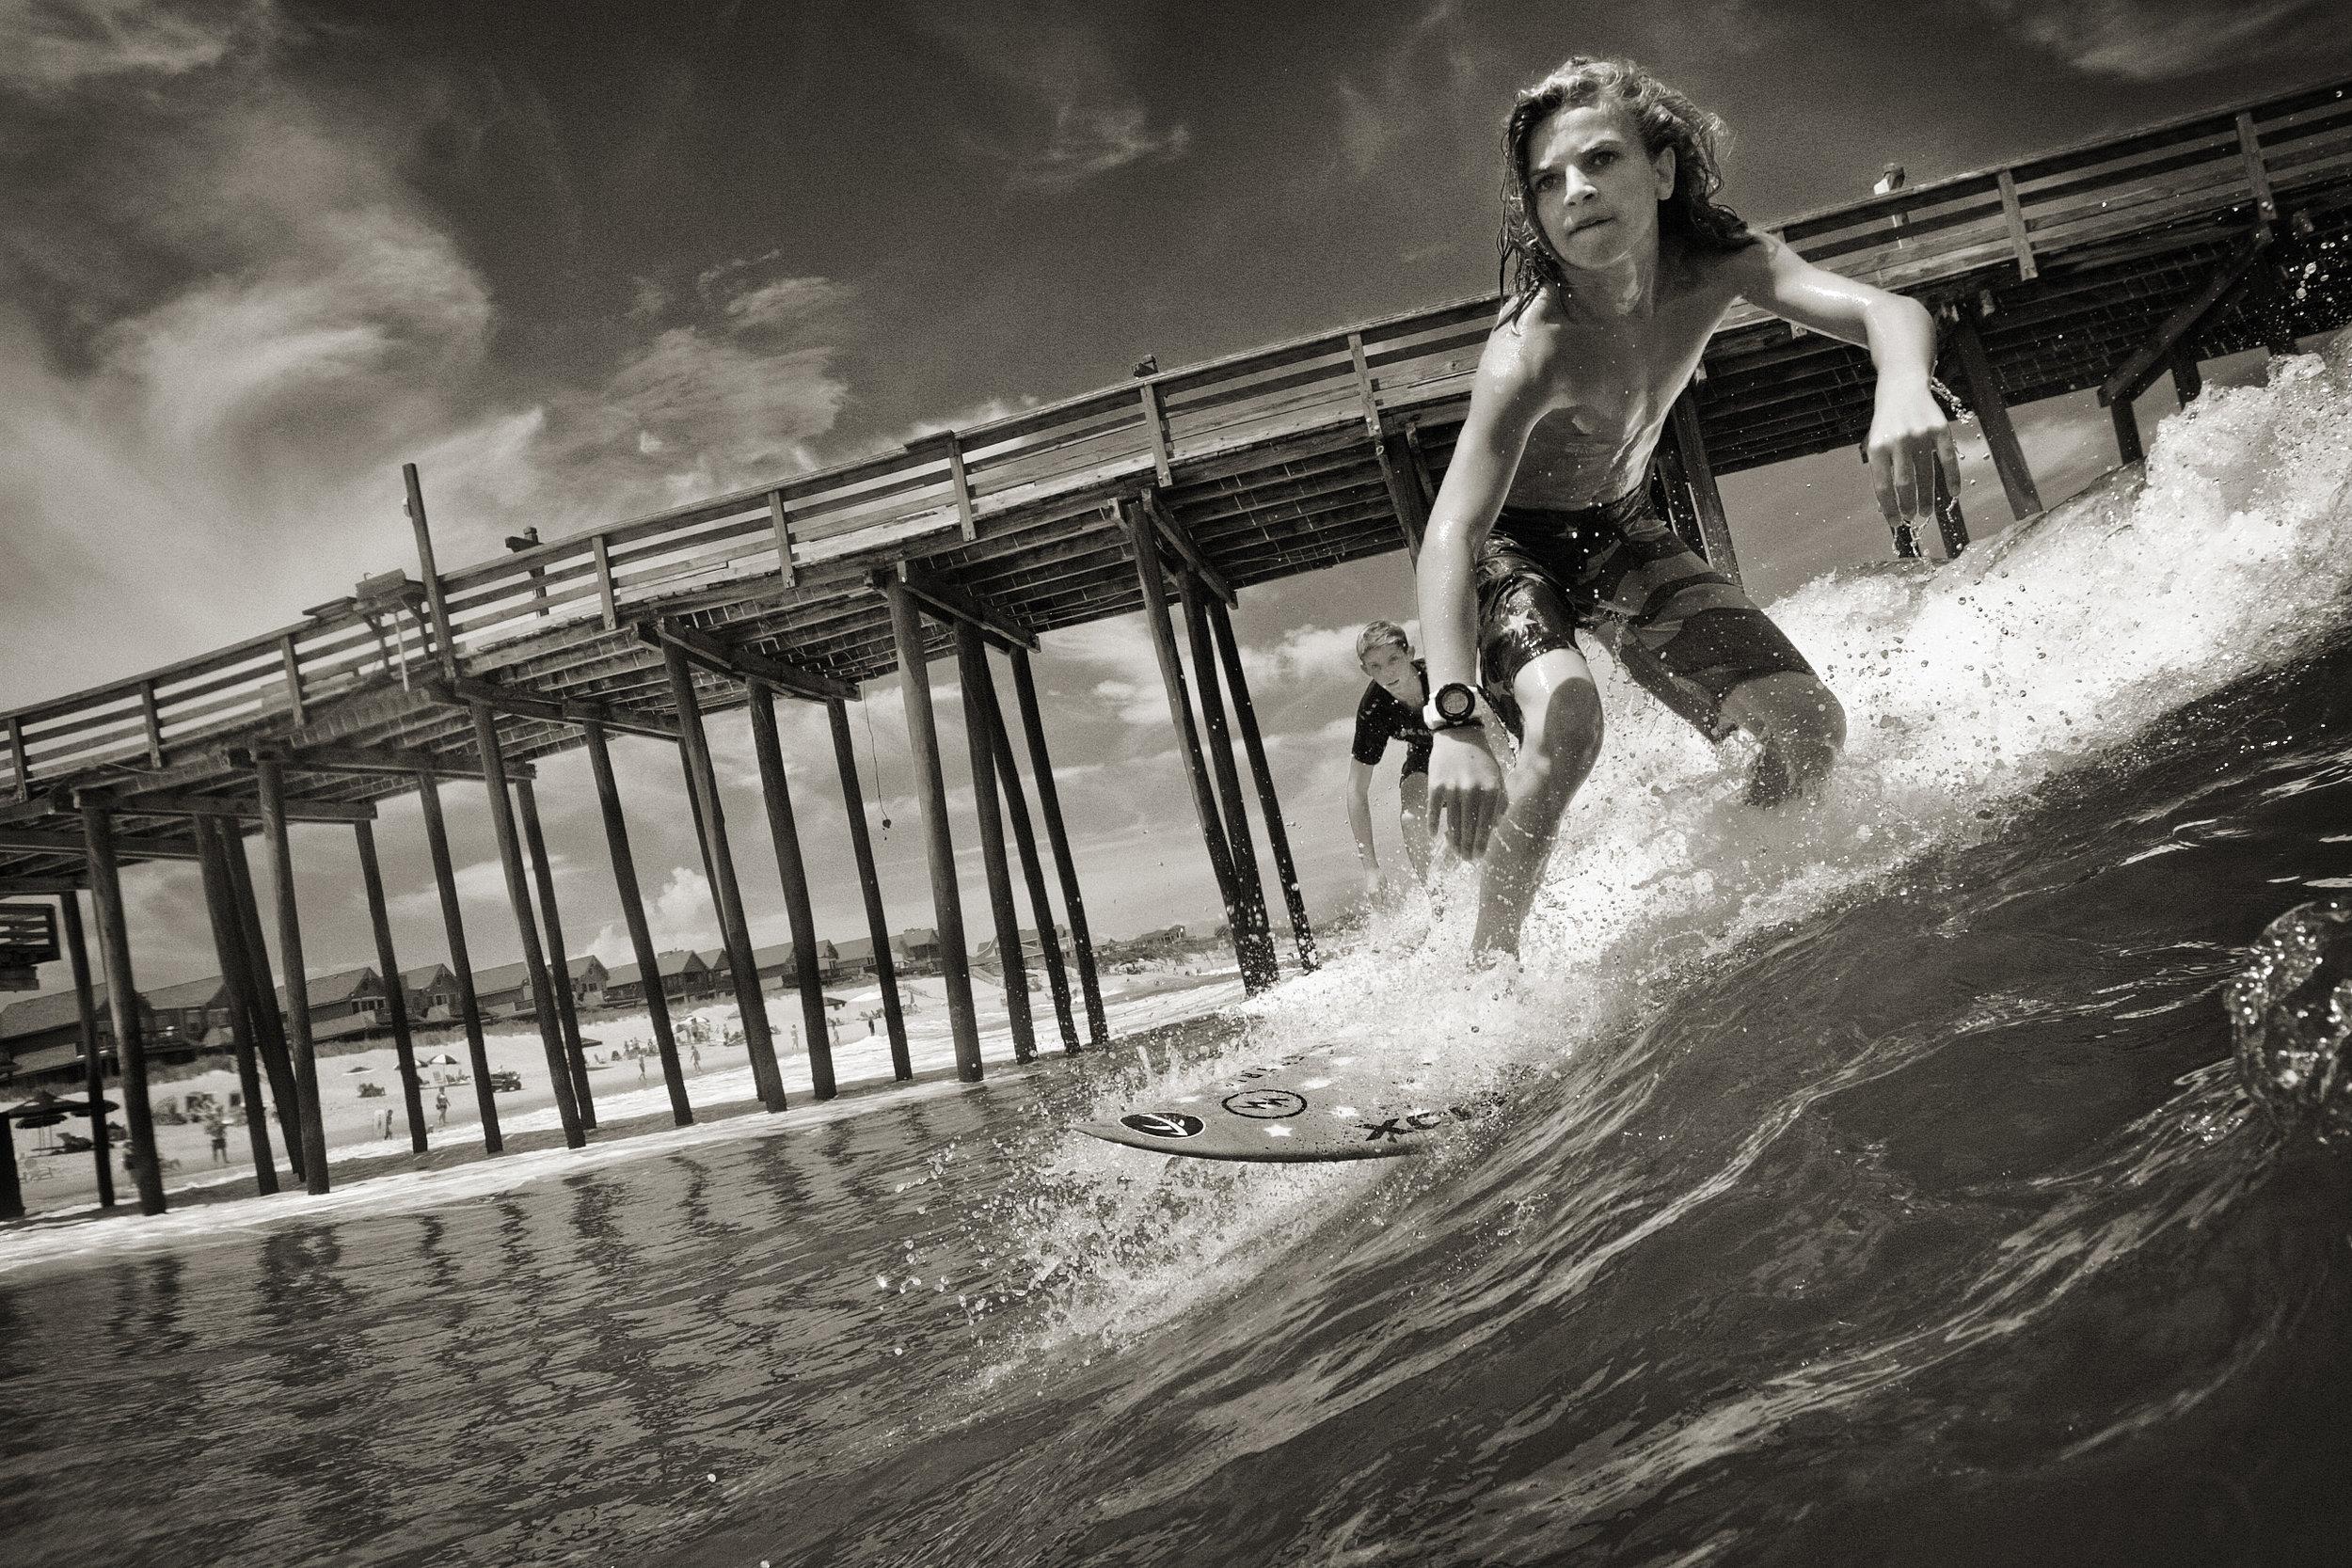 Stefan Turko, Charging the Pier